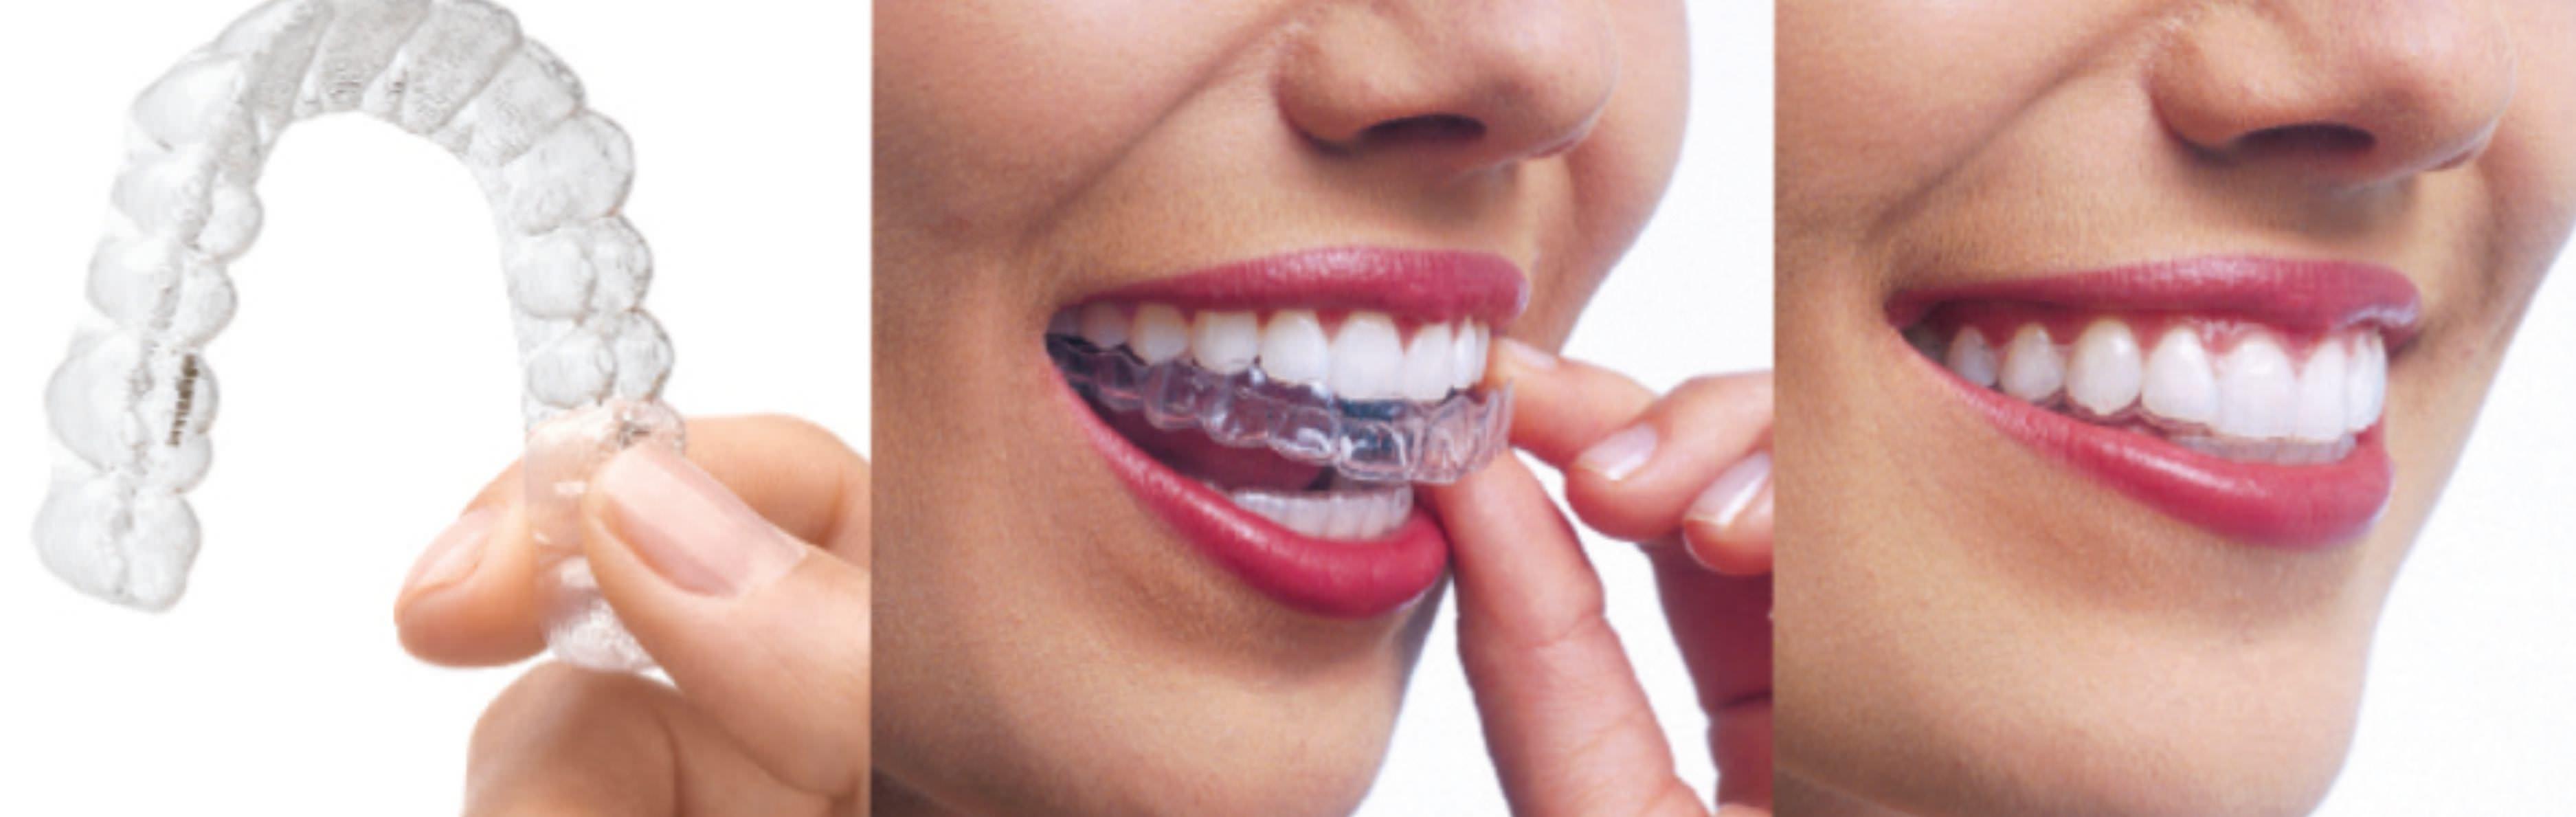 ортодонтия исправление прикуса